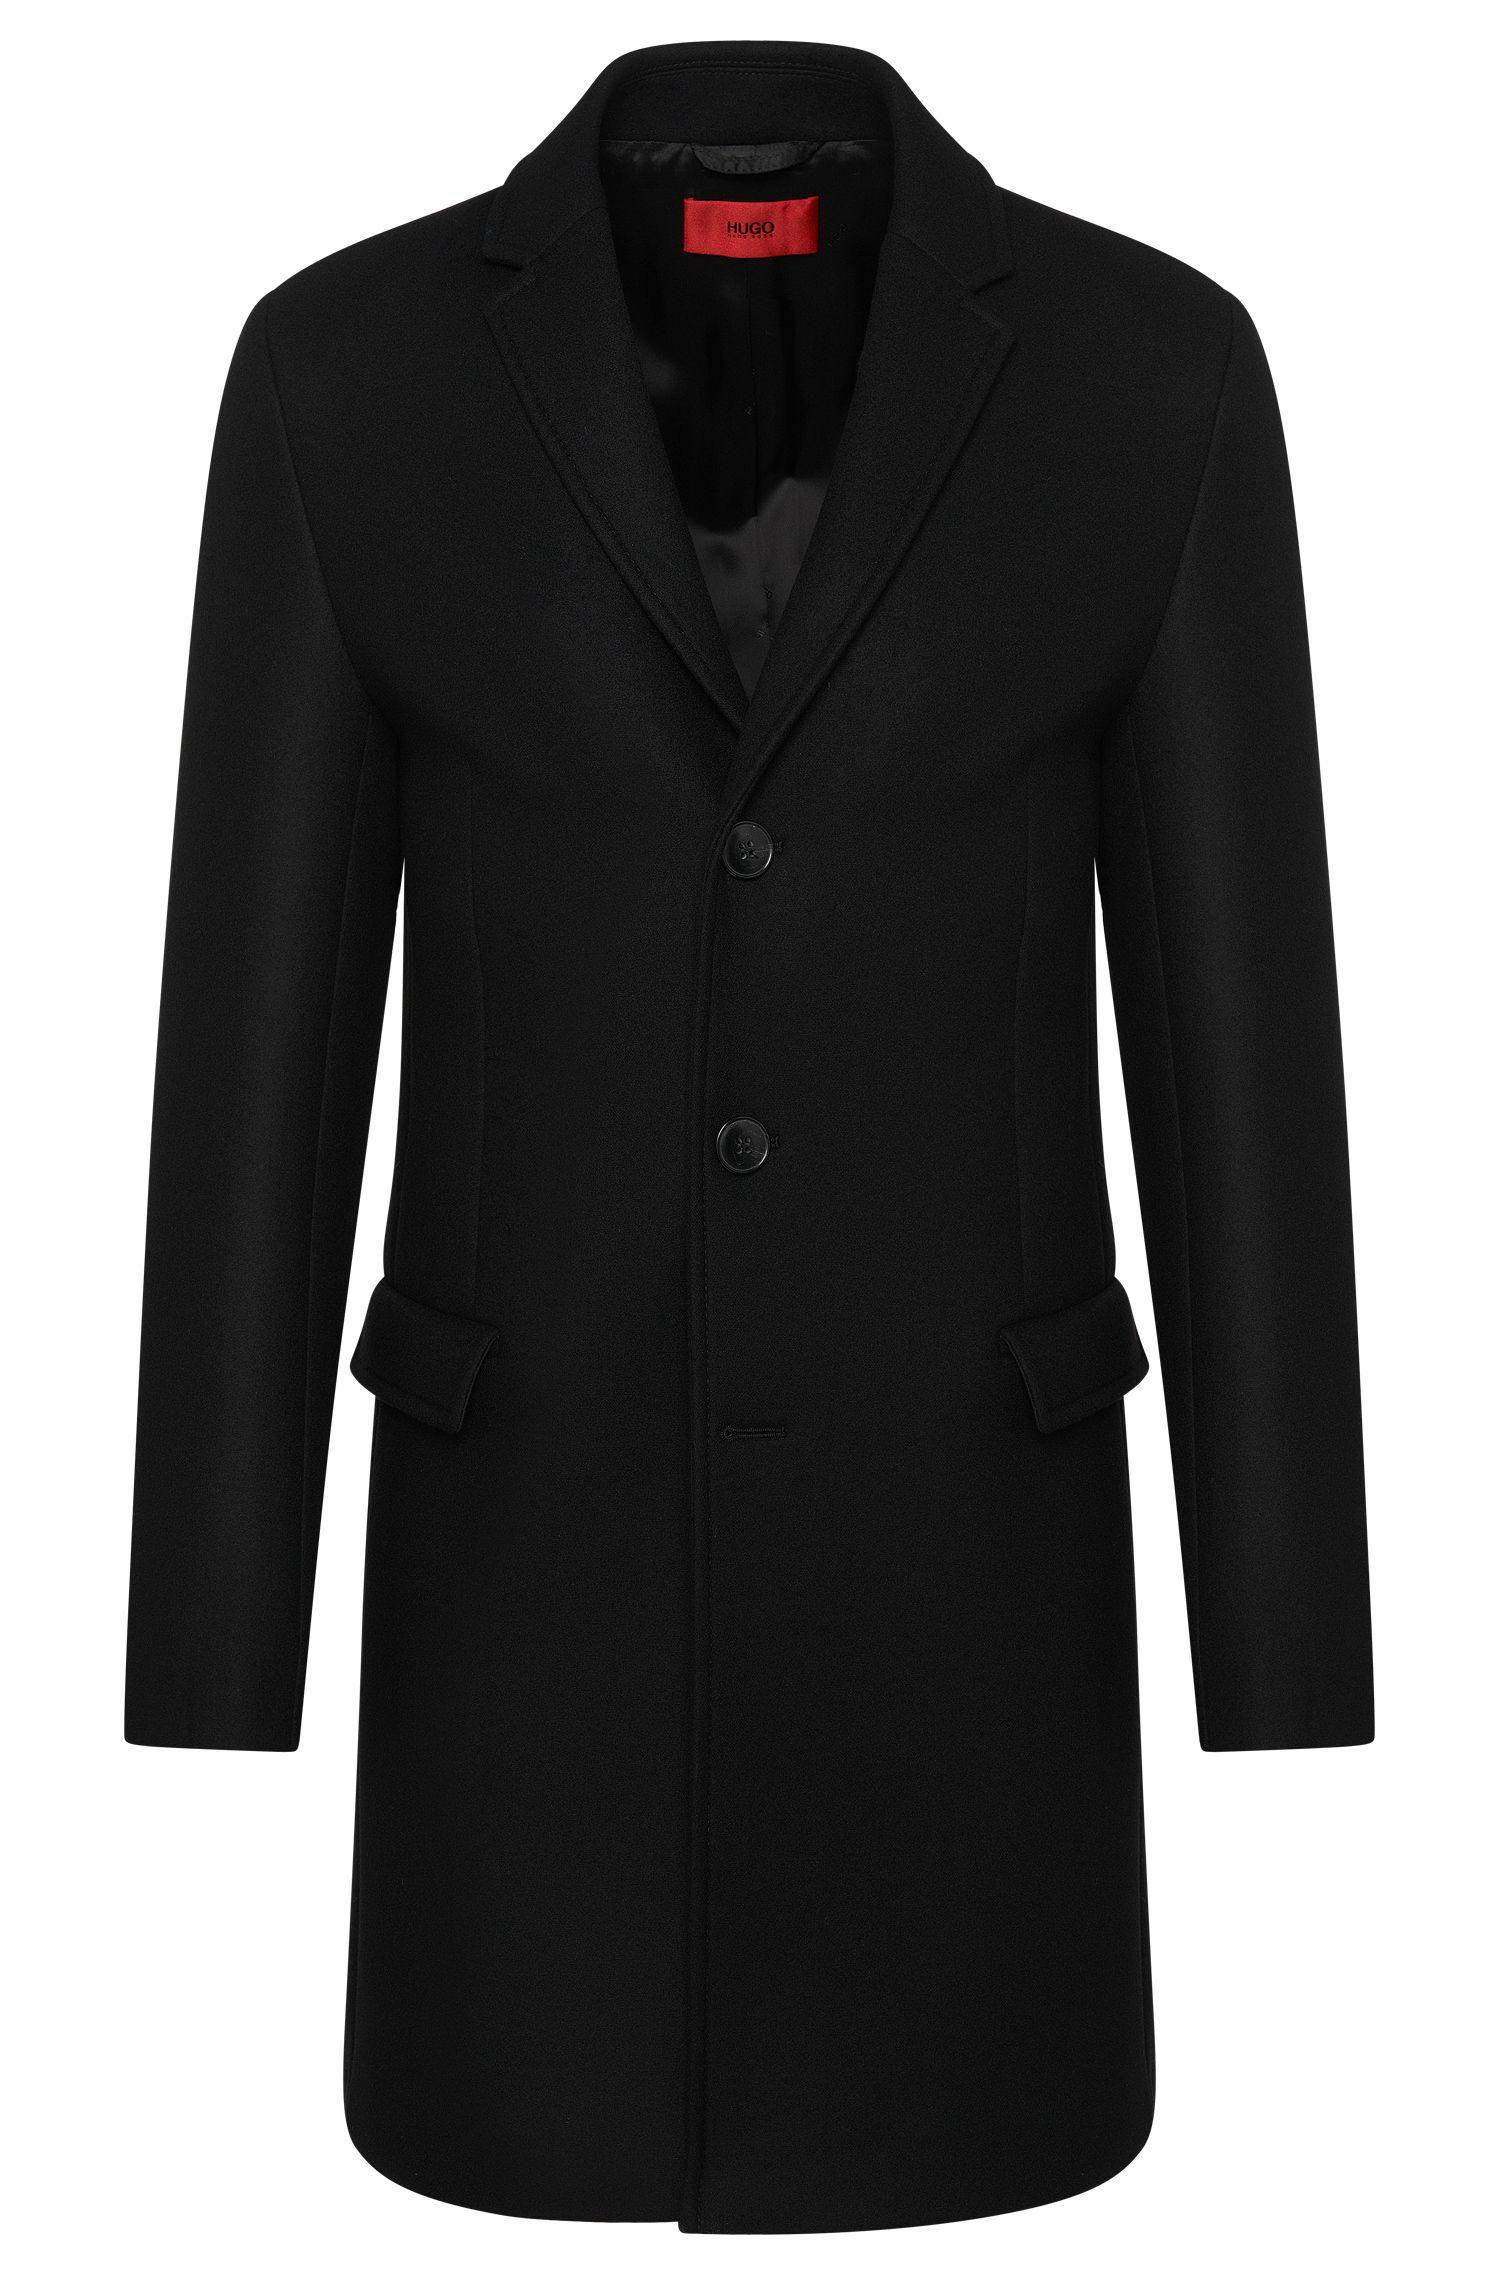 Manteau uni en laine vierge mélangée: «Migor3»